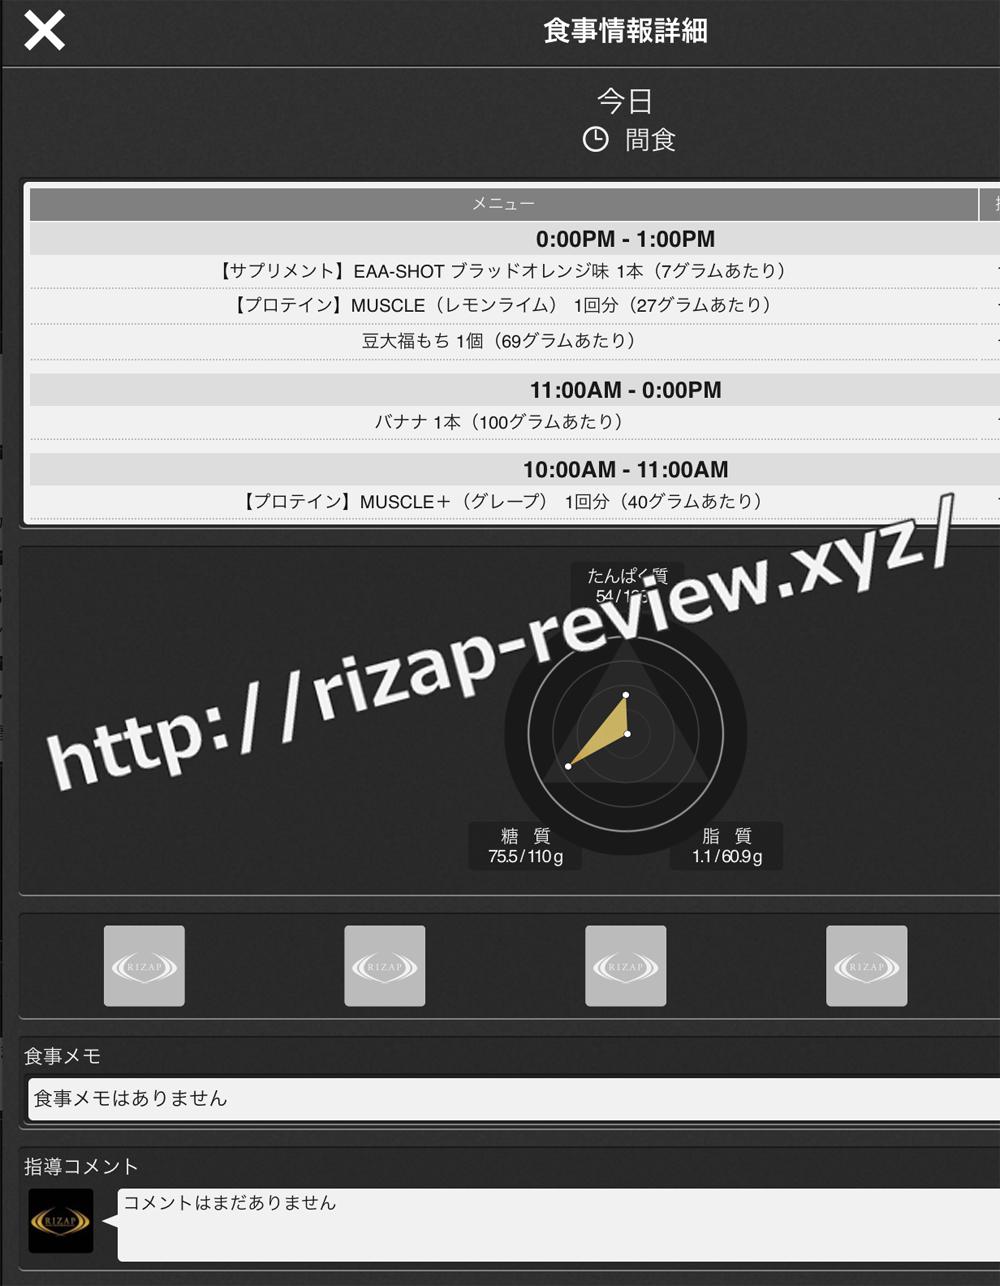 2018.12.27(木)ライザップ流の間食